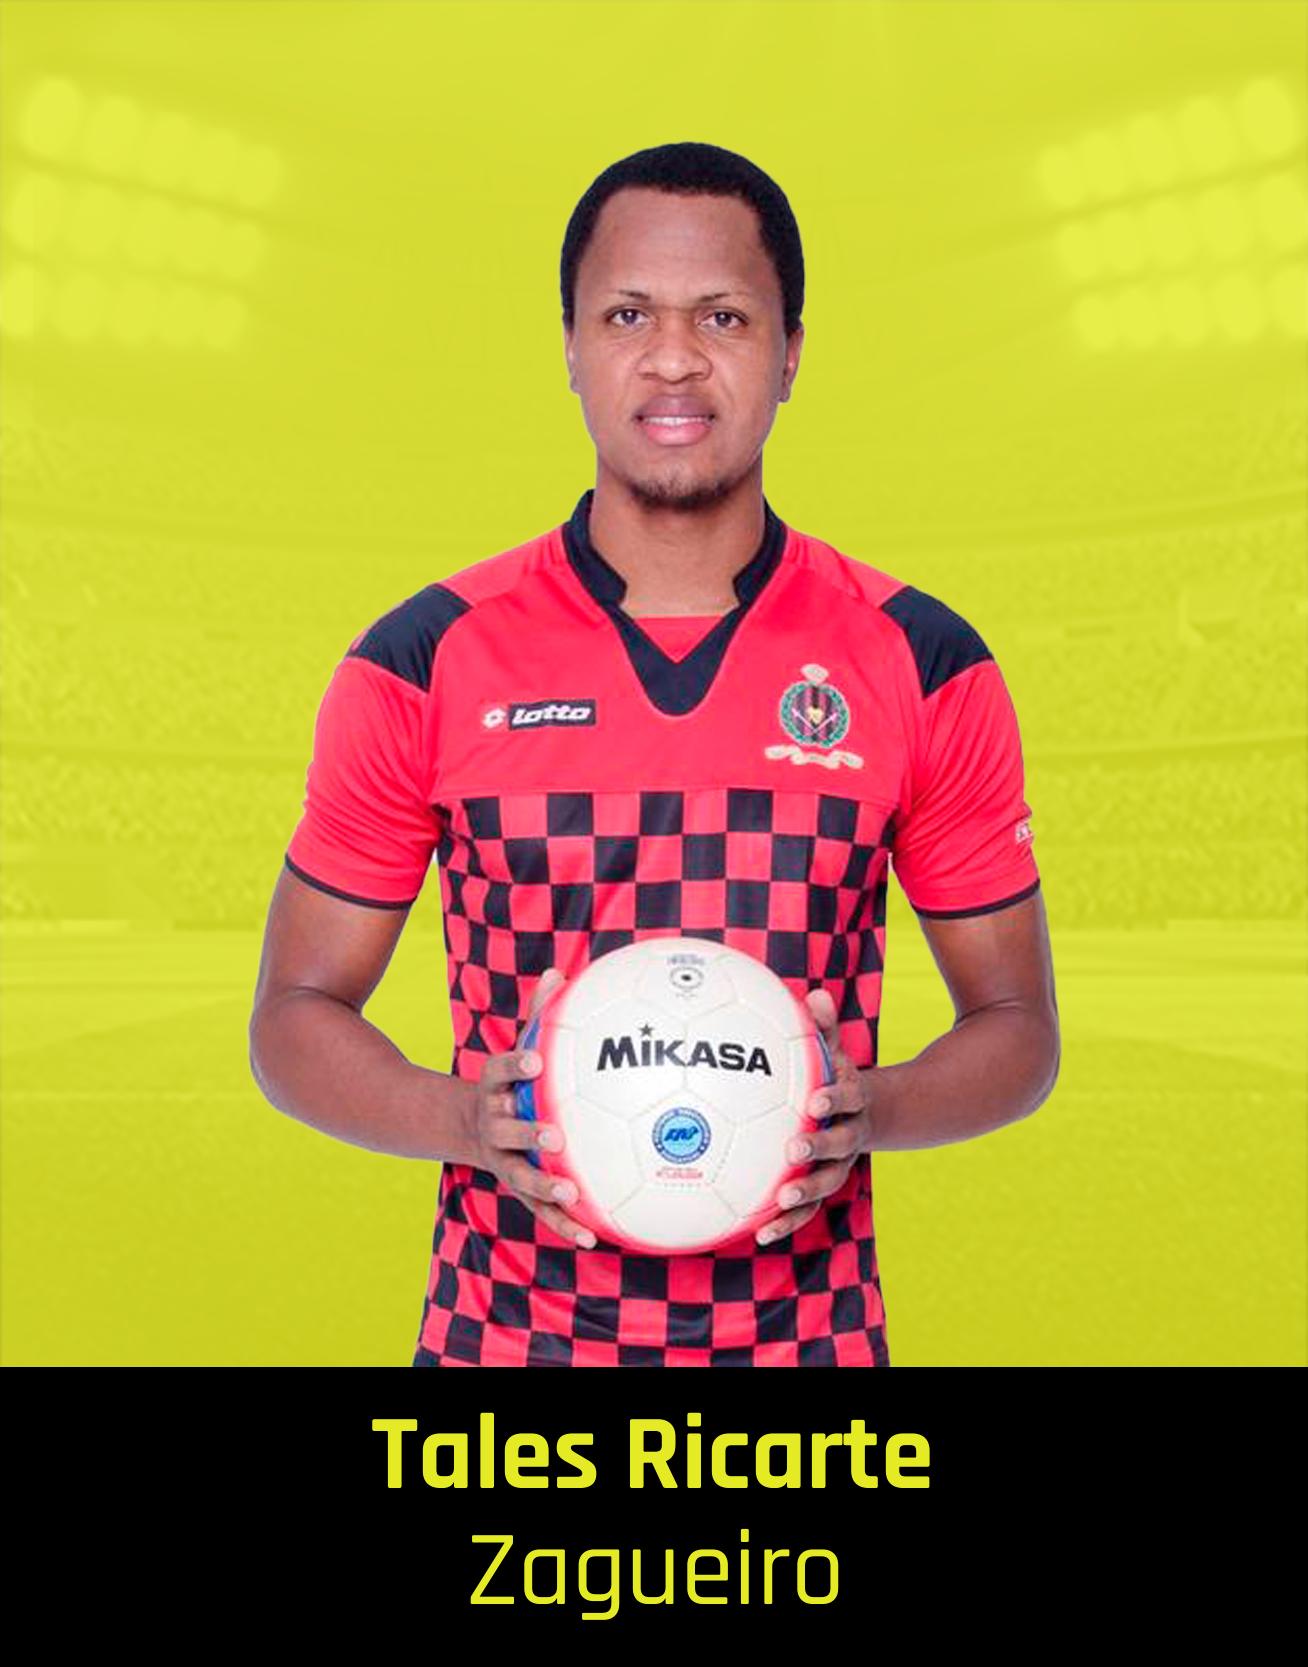 Tales Ricarte